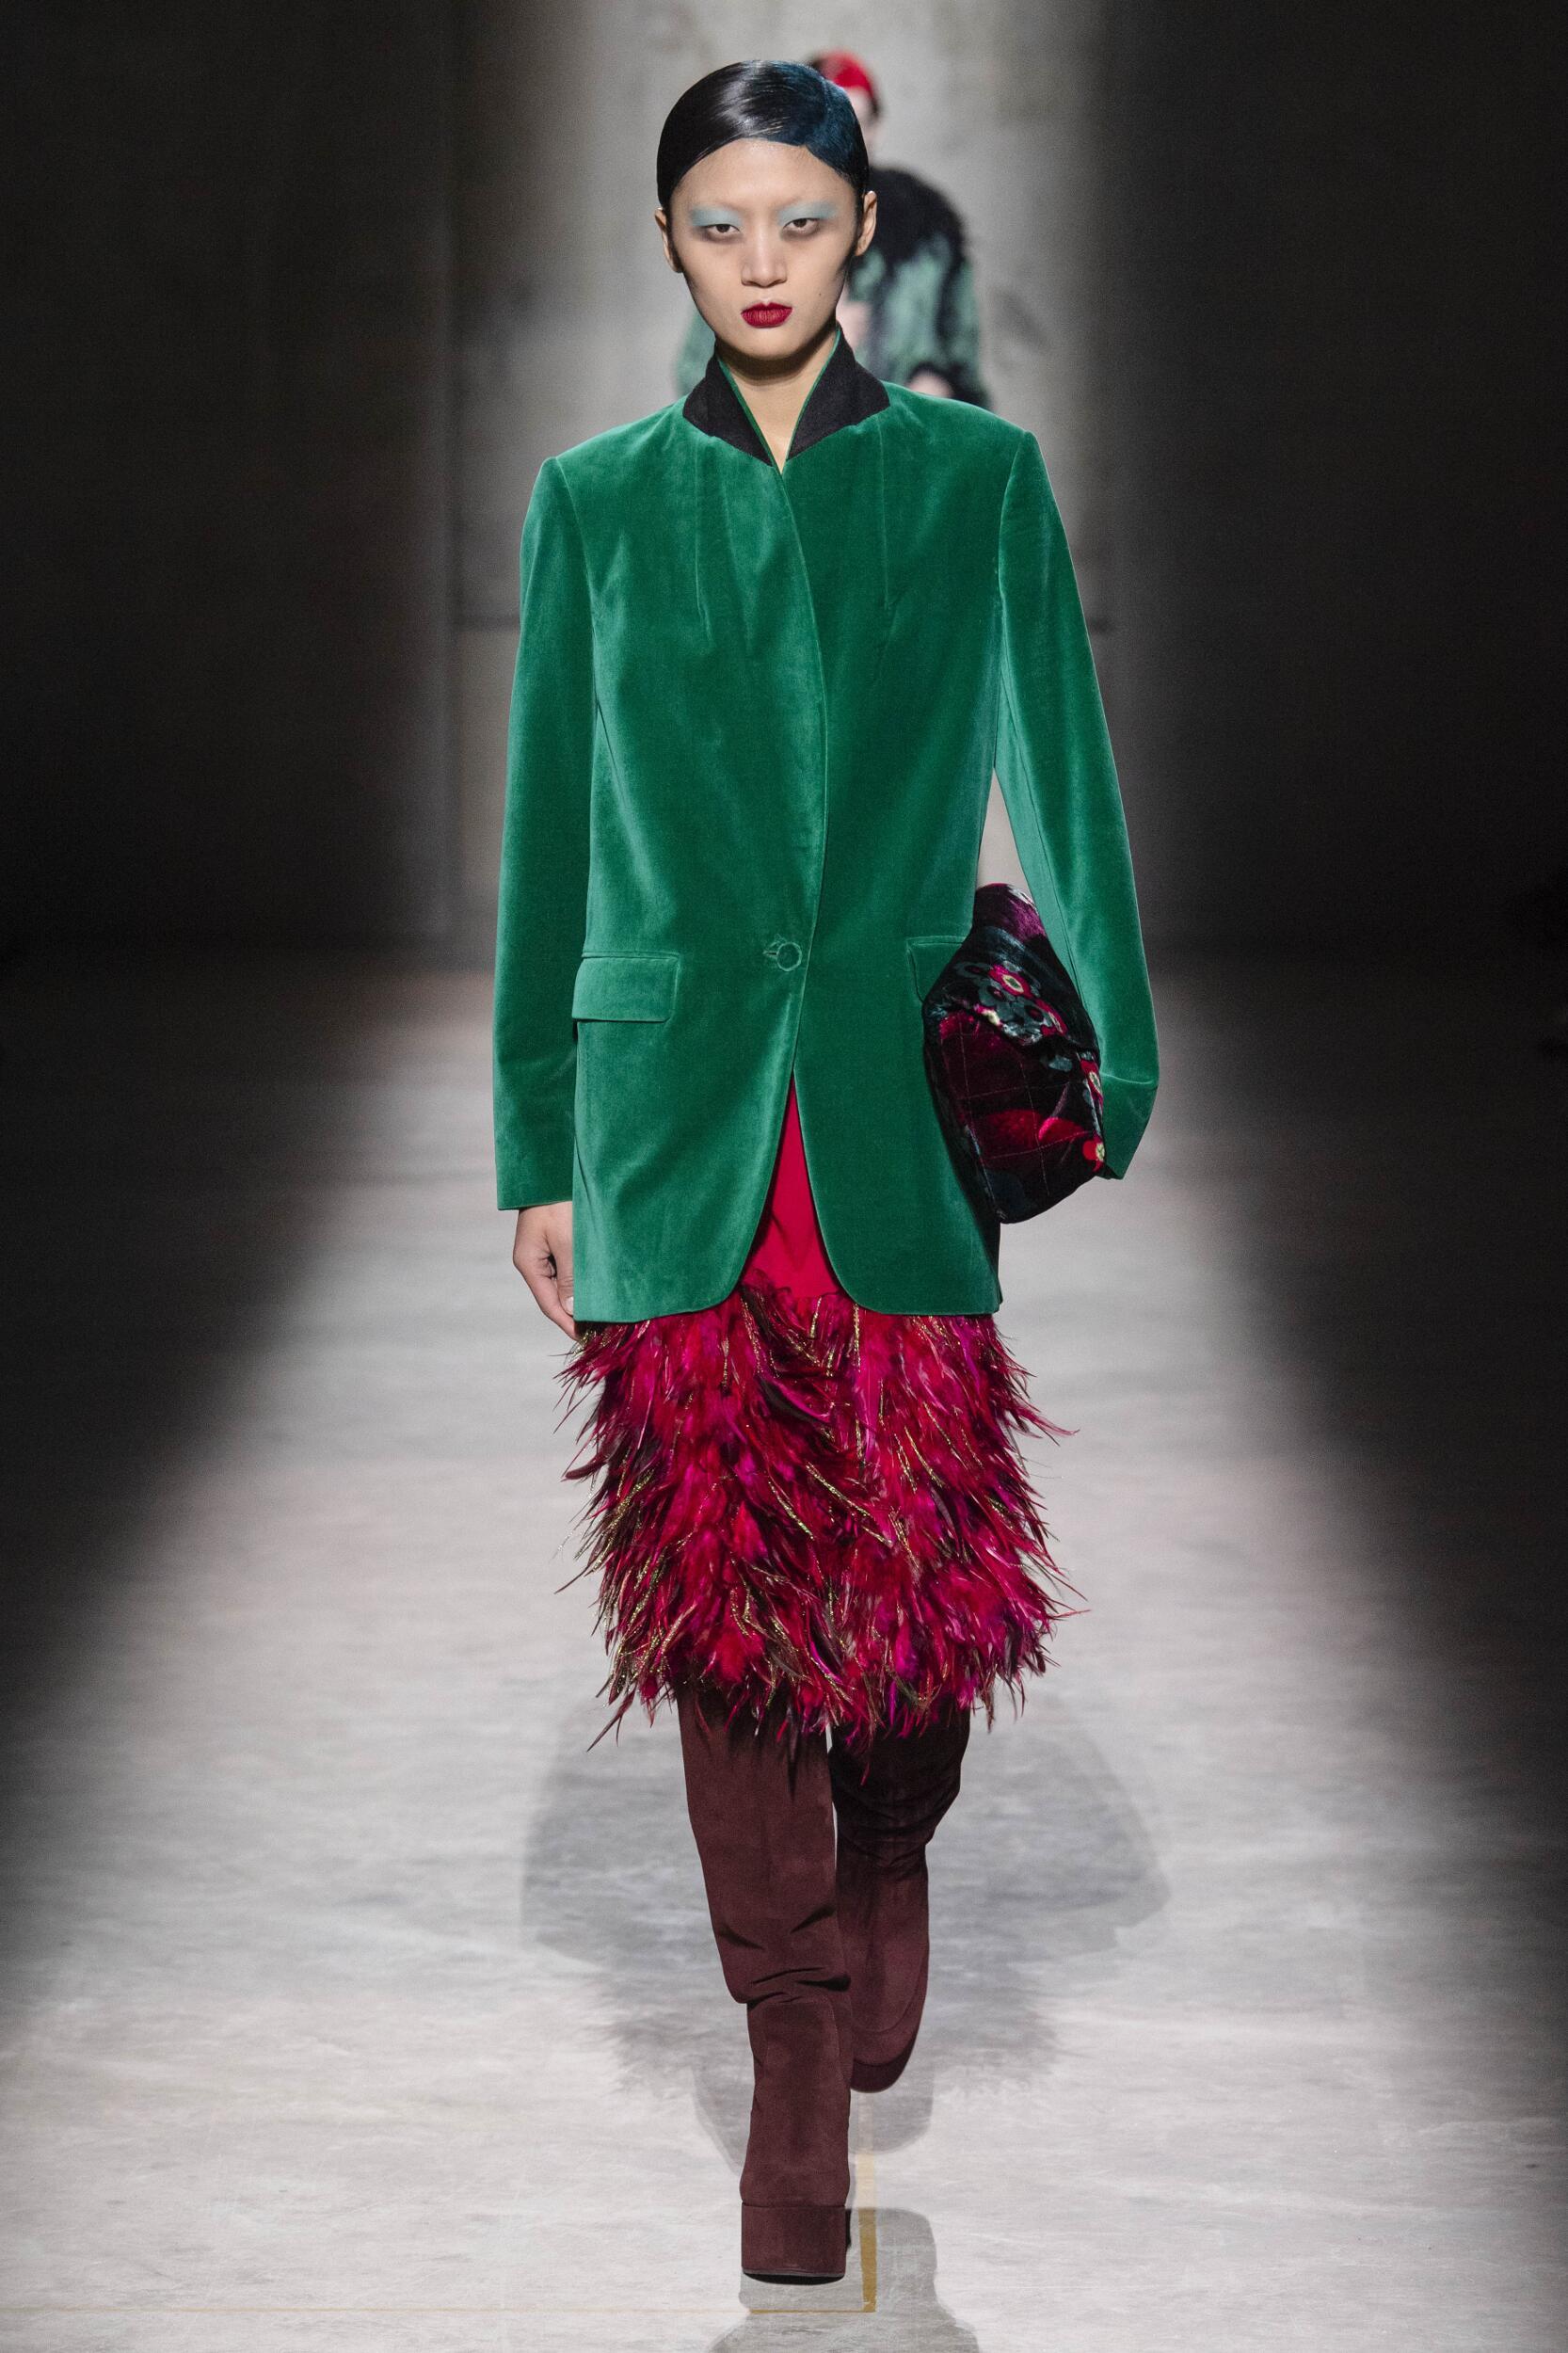 Catwalk Dries Van Noten Women Fashion Show Winter 2020